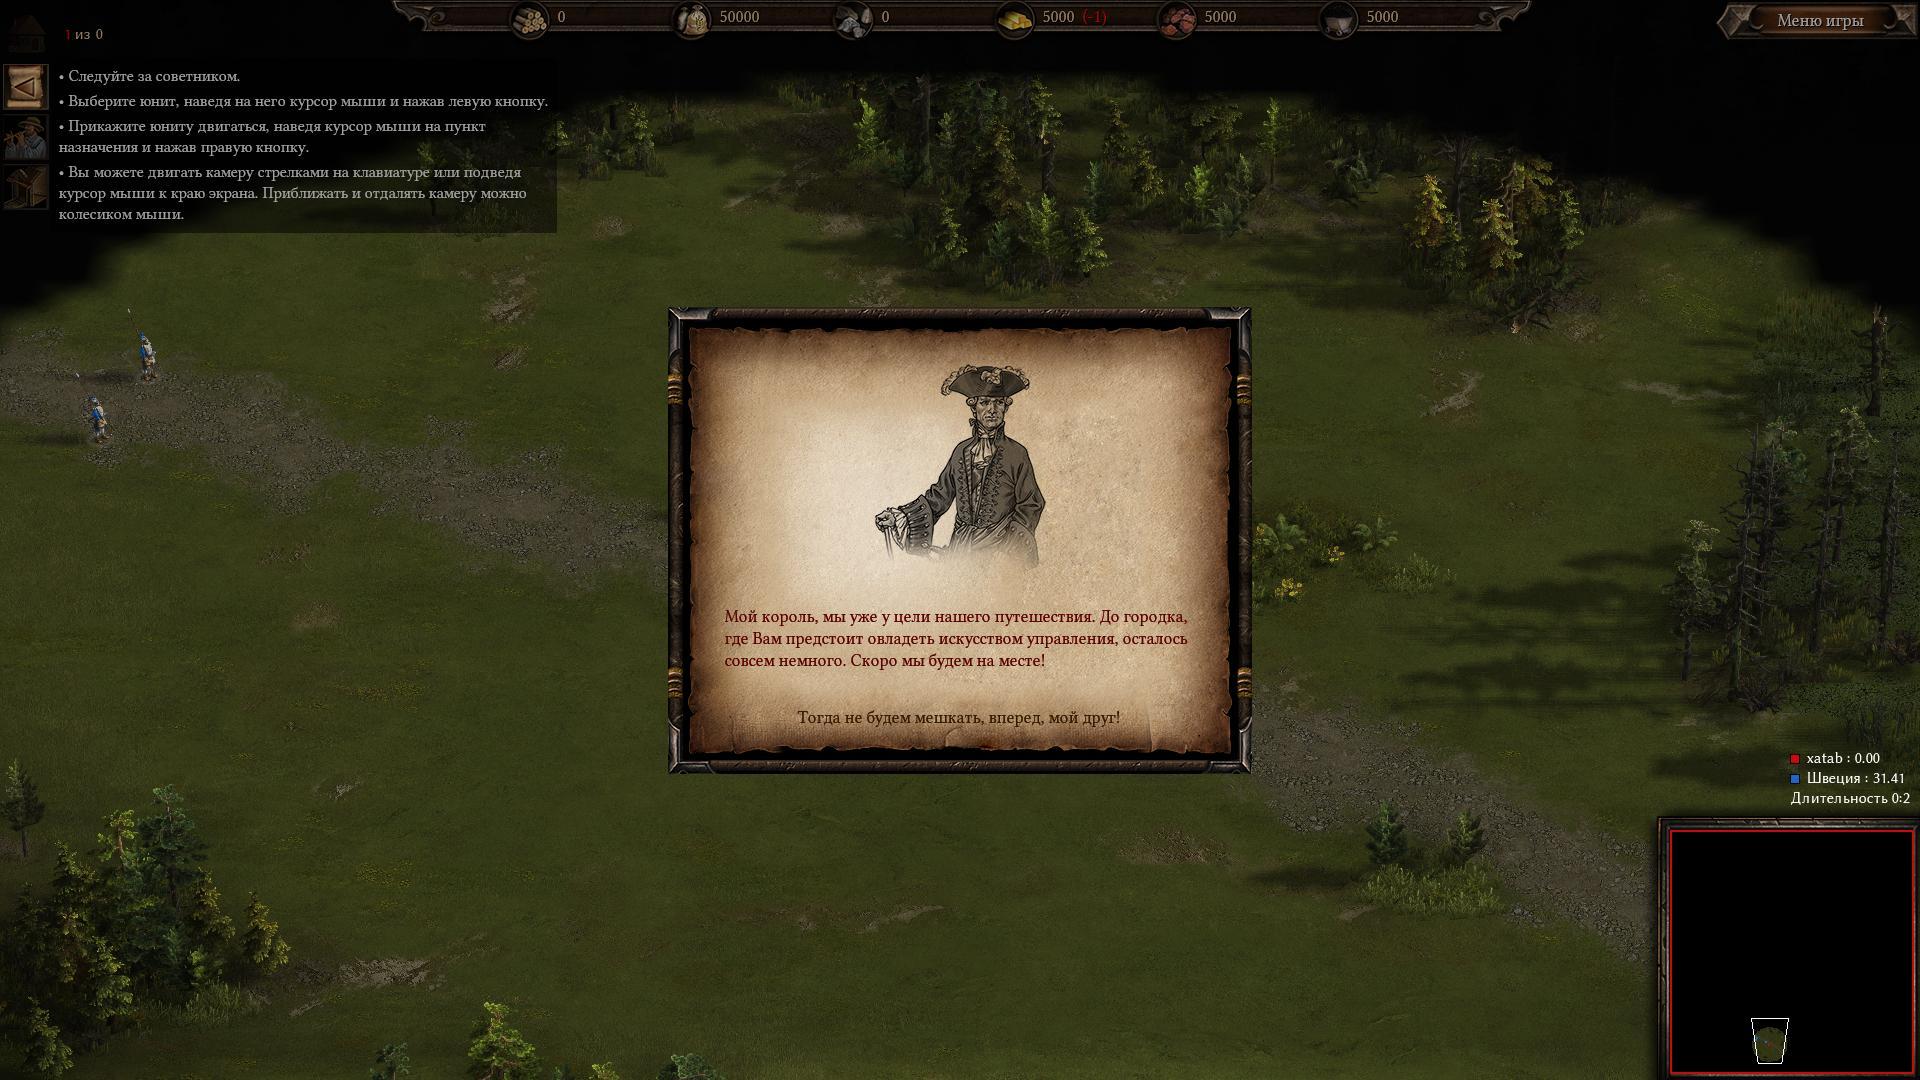 Скриншоты к Казаки 3 / Cossacks 3 (v 2.0.0.85.5767) + 7 DLC на русском языке